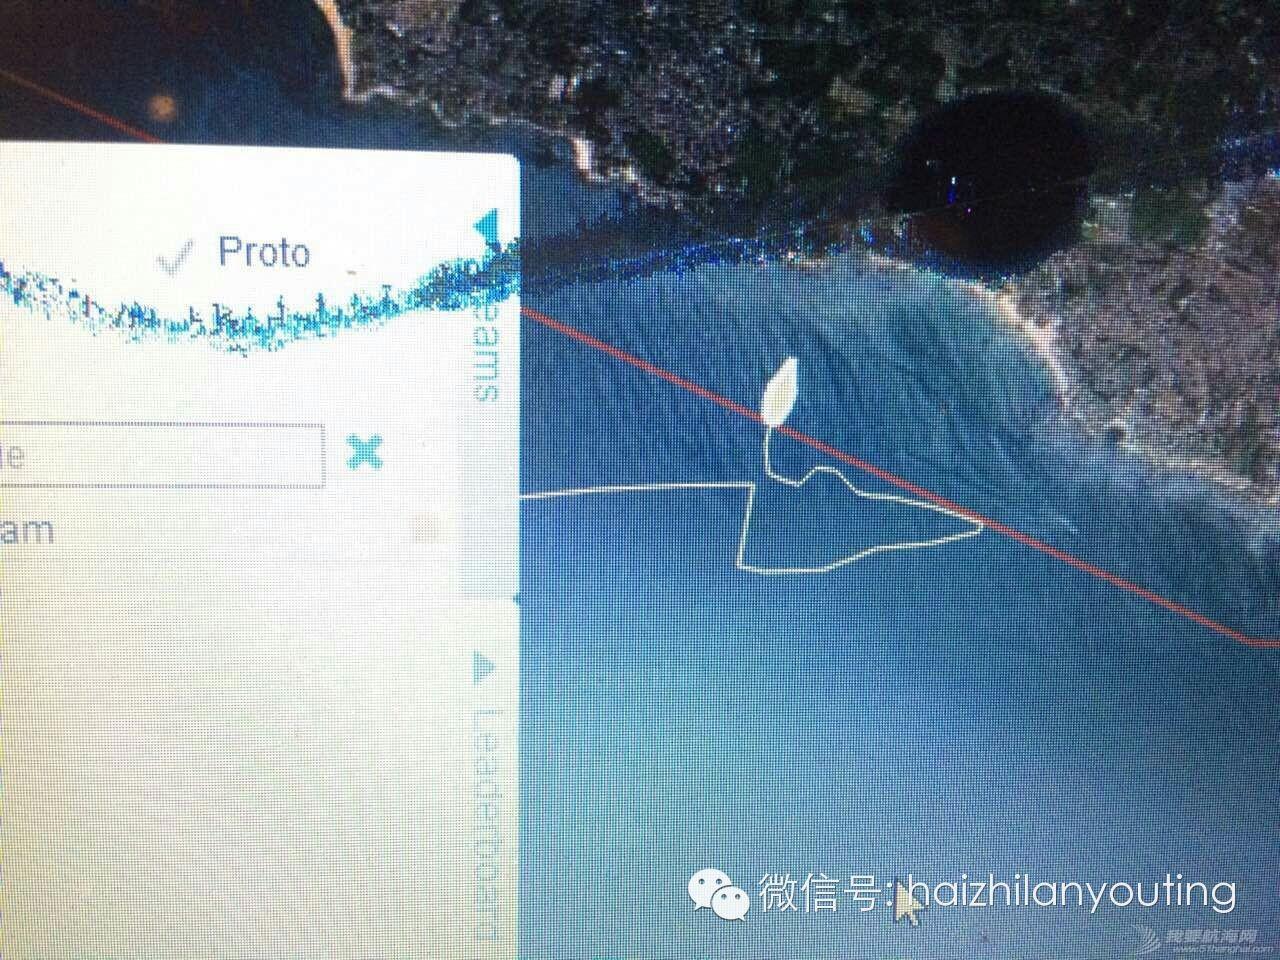 """通讯设备,国际帆联,航海技术,大西洋,培训机构,通讯设备,国际帆联,航海技术,大西洋,培训机构 徐京坤的新梦想----参加2015年""""MINI TRANSAT 650级别单人横渡大西洋帆船赛"""". 2303f144aa0077917857a81cd52e186b.jpg"""